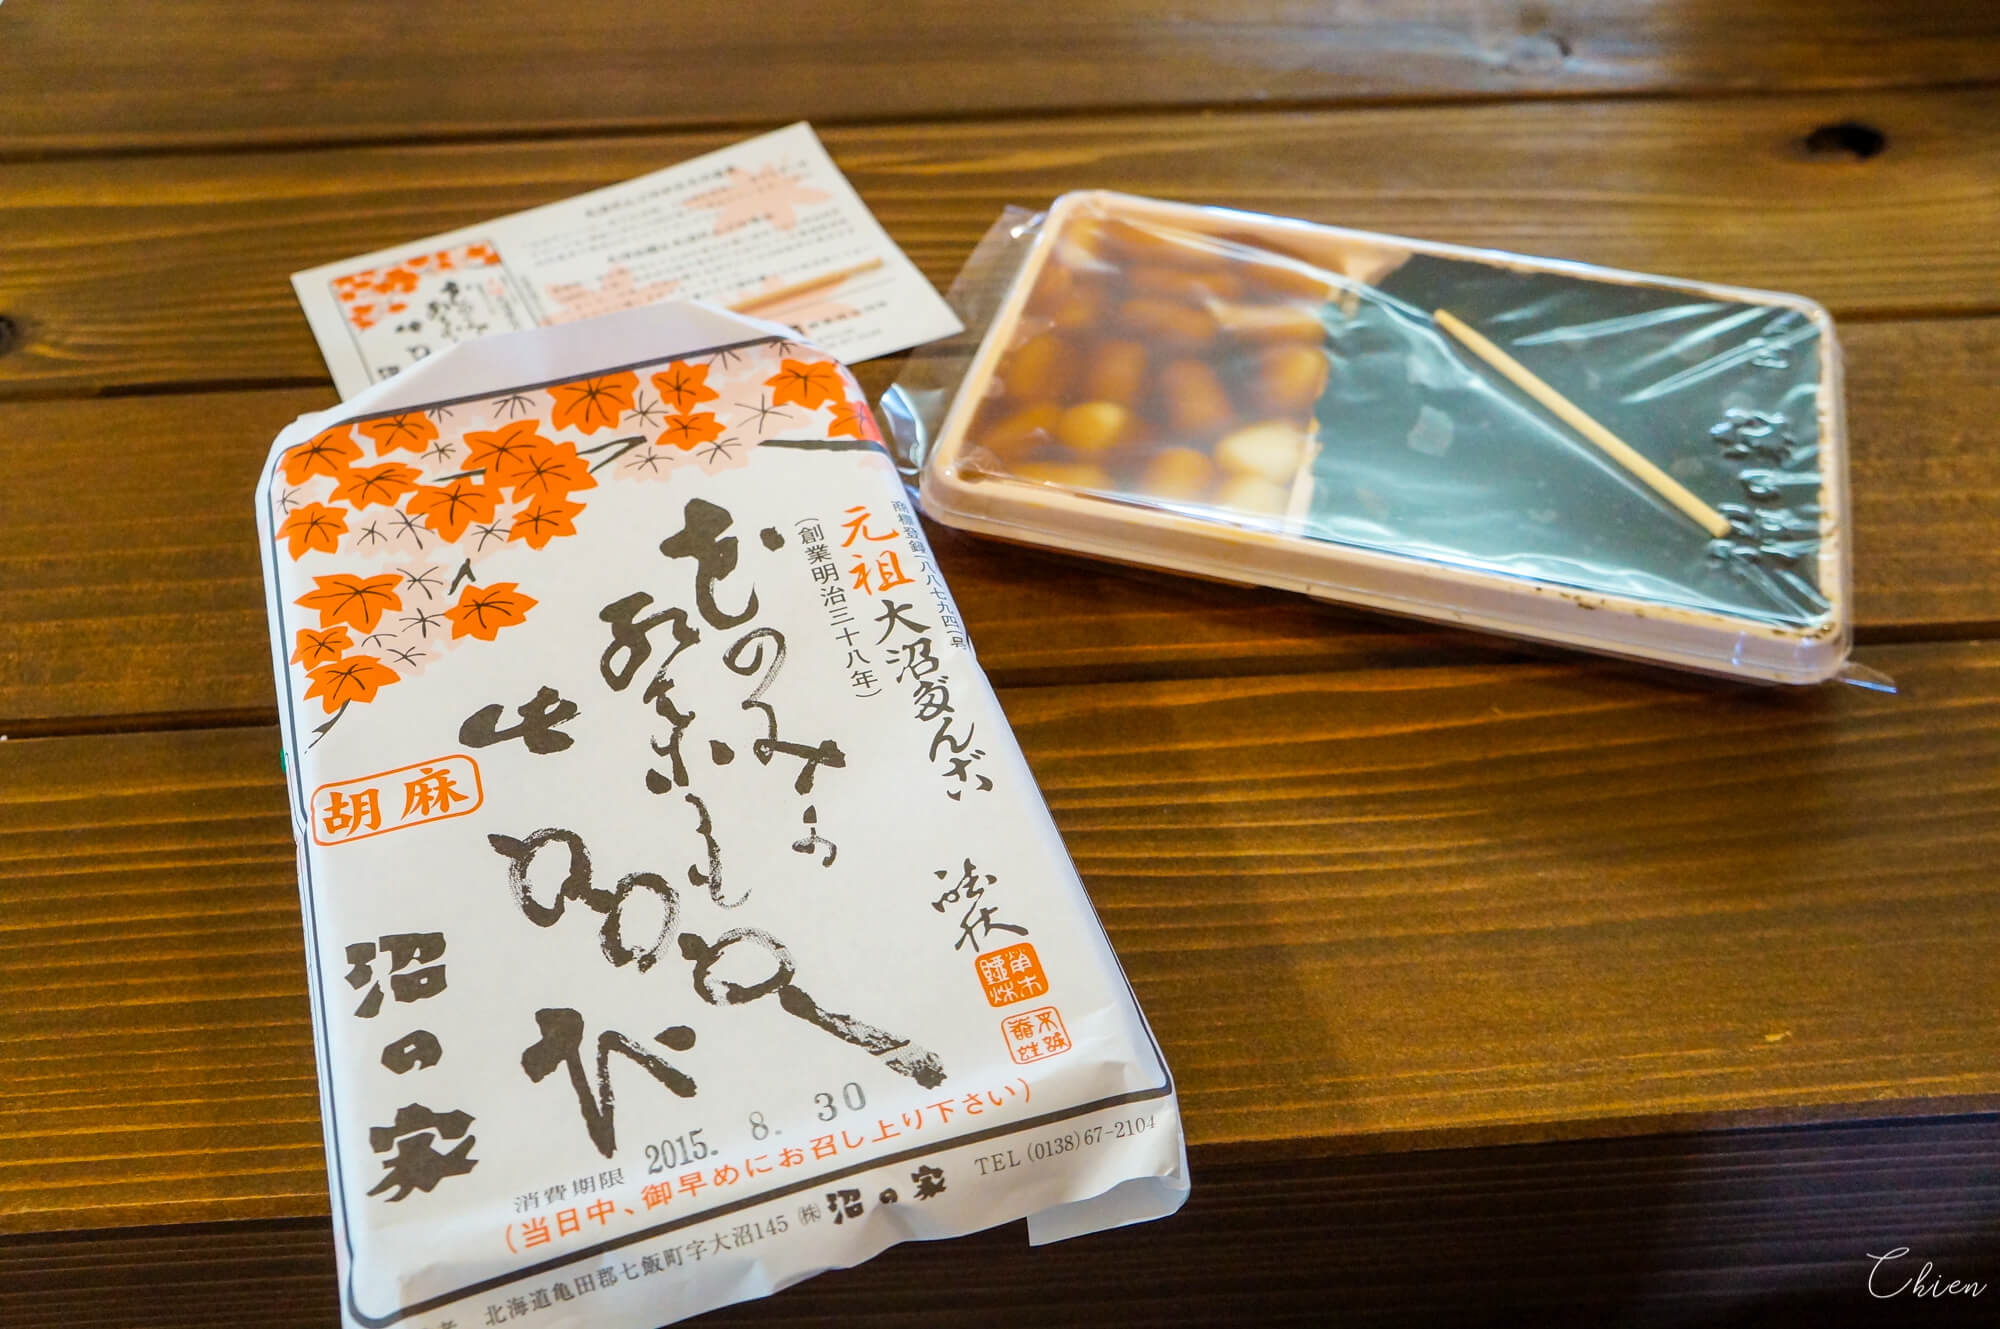 函館大沼公園 沼の家 糰子和菓子